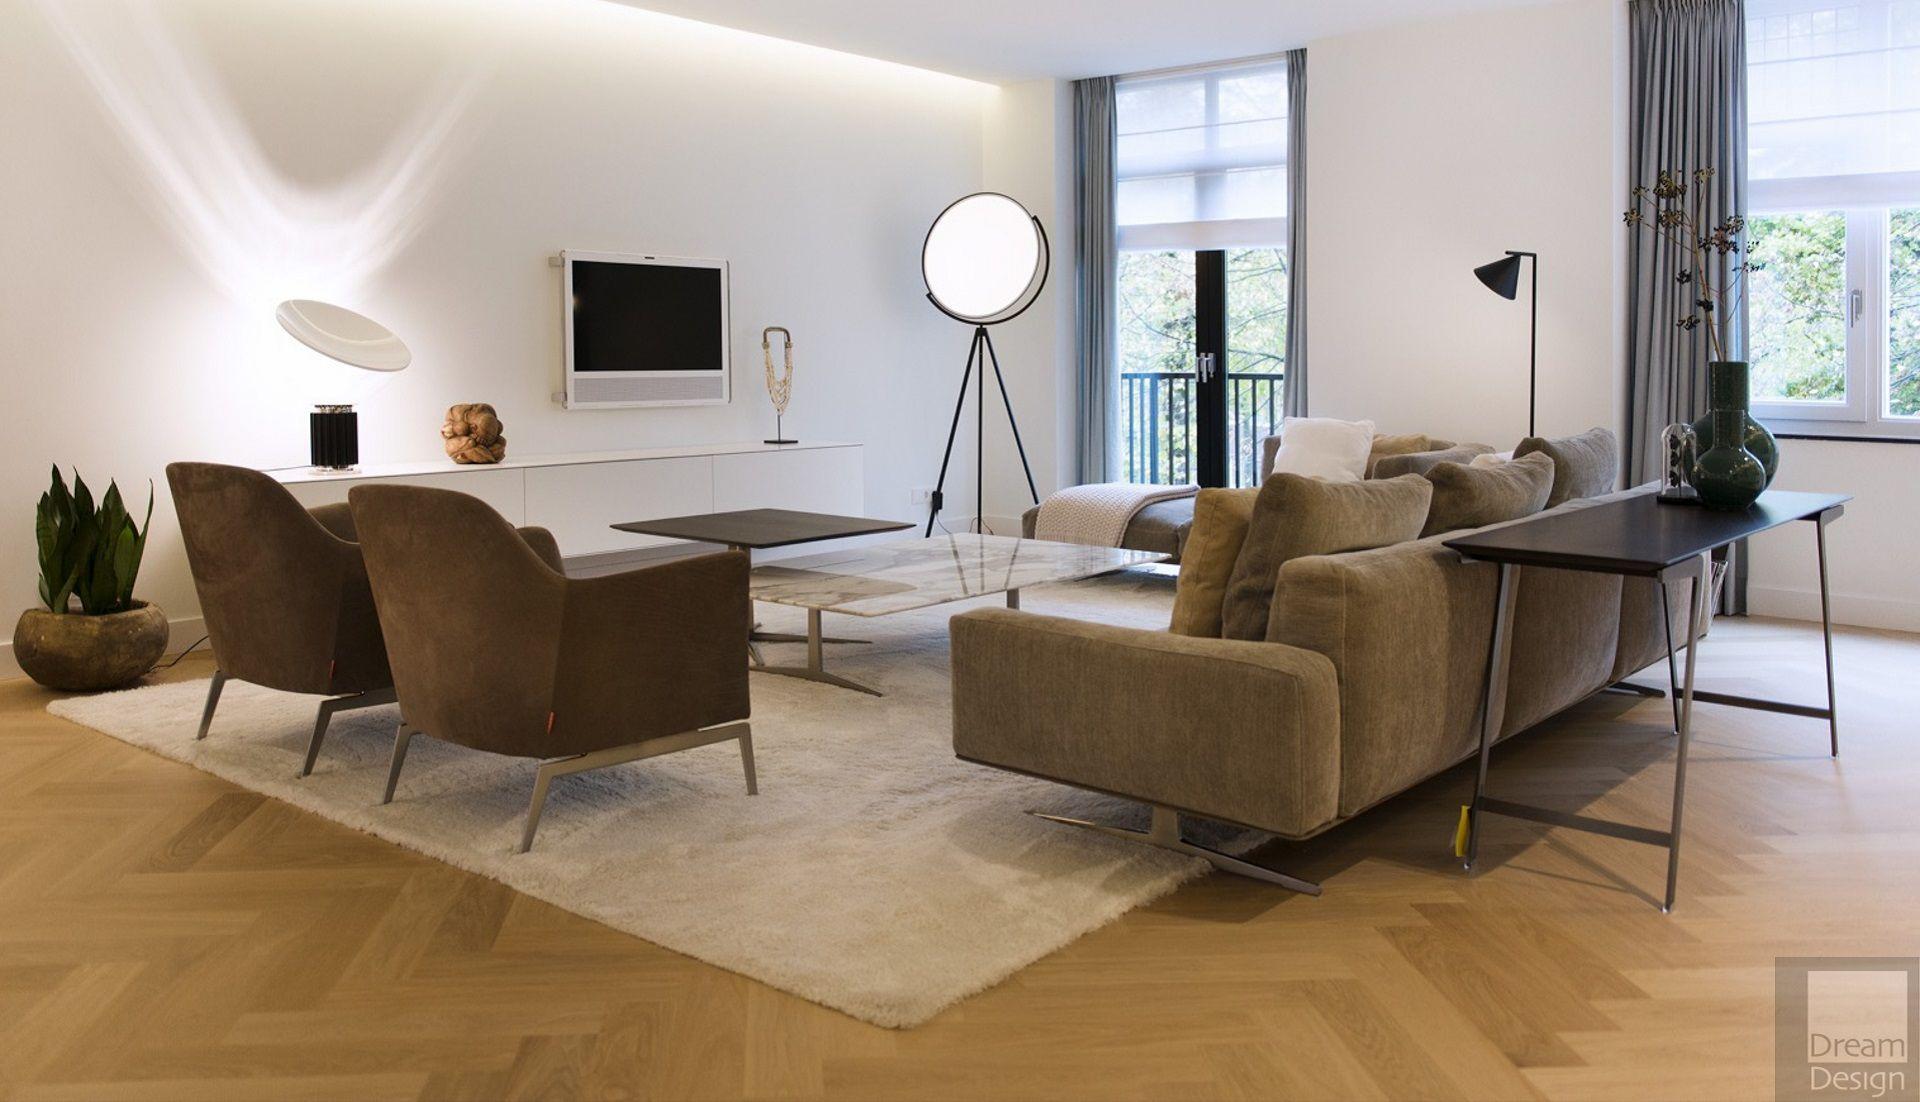 Flos Superloon Floor Lamp   Superloon Is An Adjustable Floor Lamp. Painted  Or Chrome